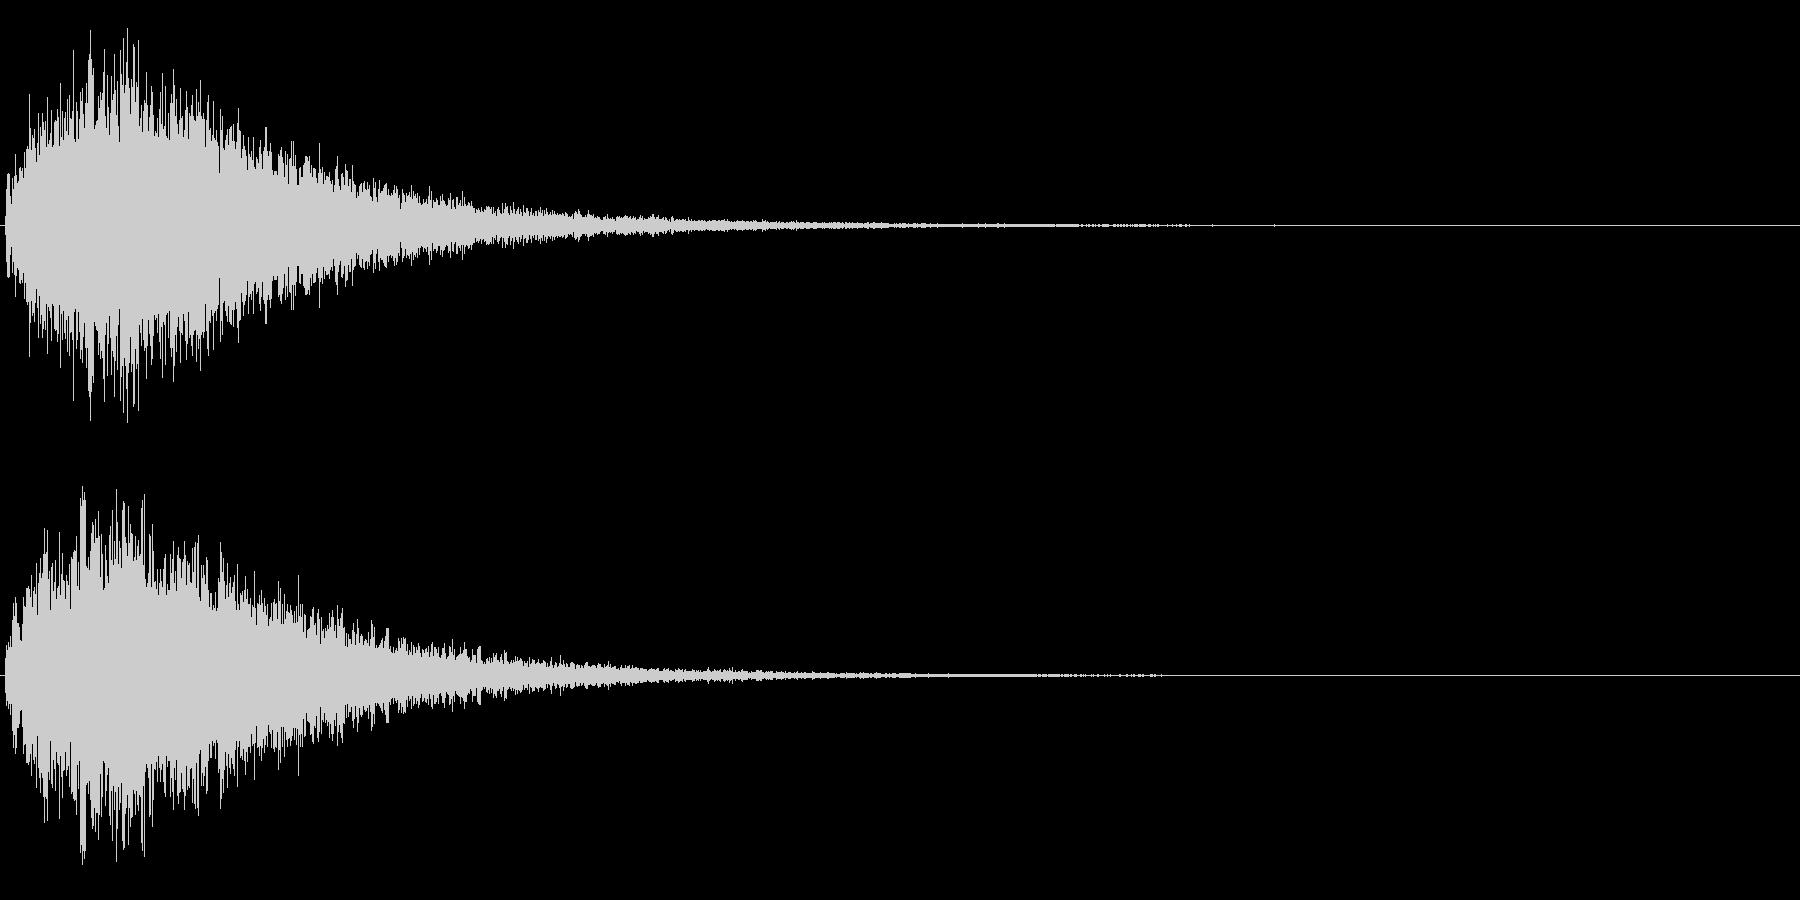 ゲームスタート、決定、ボタン音-133の未再生の波形